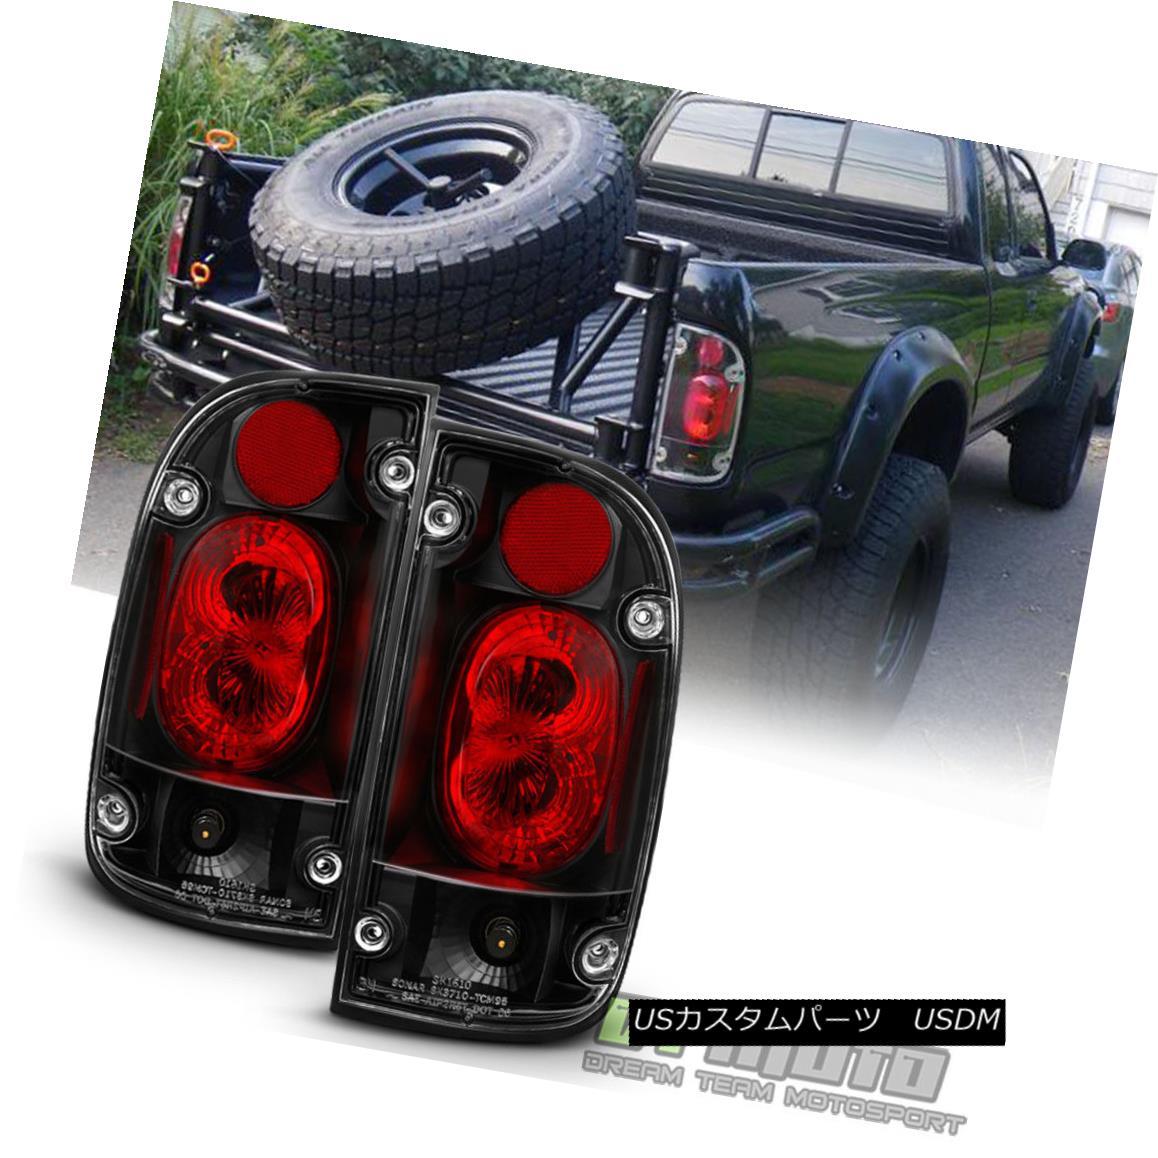 テールライト 1995-2000 Toyota Tacoma Black Tail Lights Brake Lamps Left+Right 95 96 97 98 00 1995-2000トヨタタコマブラックテールライトブレーキランプ左右95 96 97 98 00